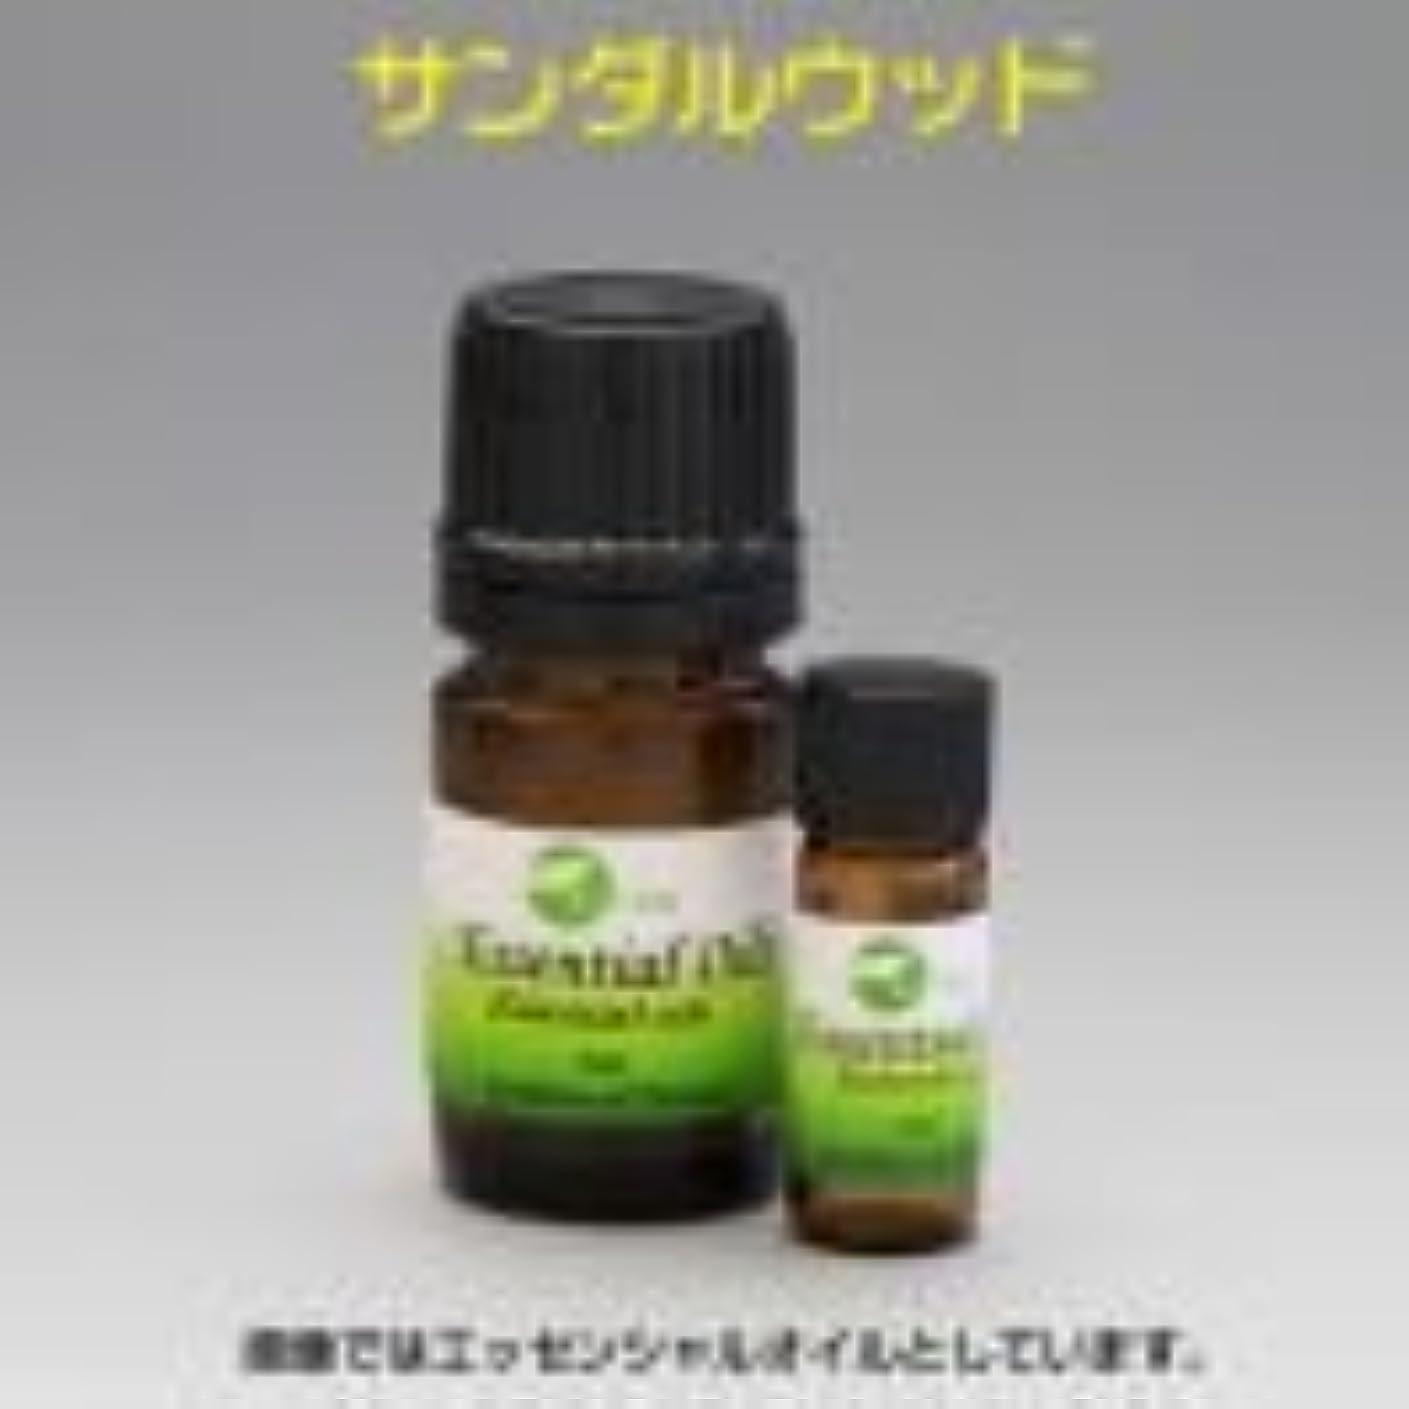 パステルバンケット肥料[エッセンシャルオイル] 濃厚で温みのあるオリエンタル調の香り サンダルウッド 5ml